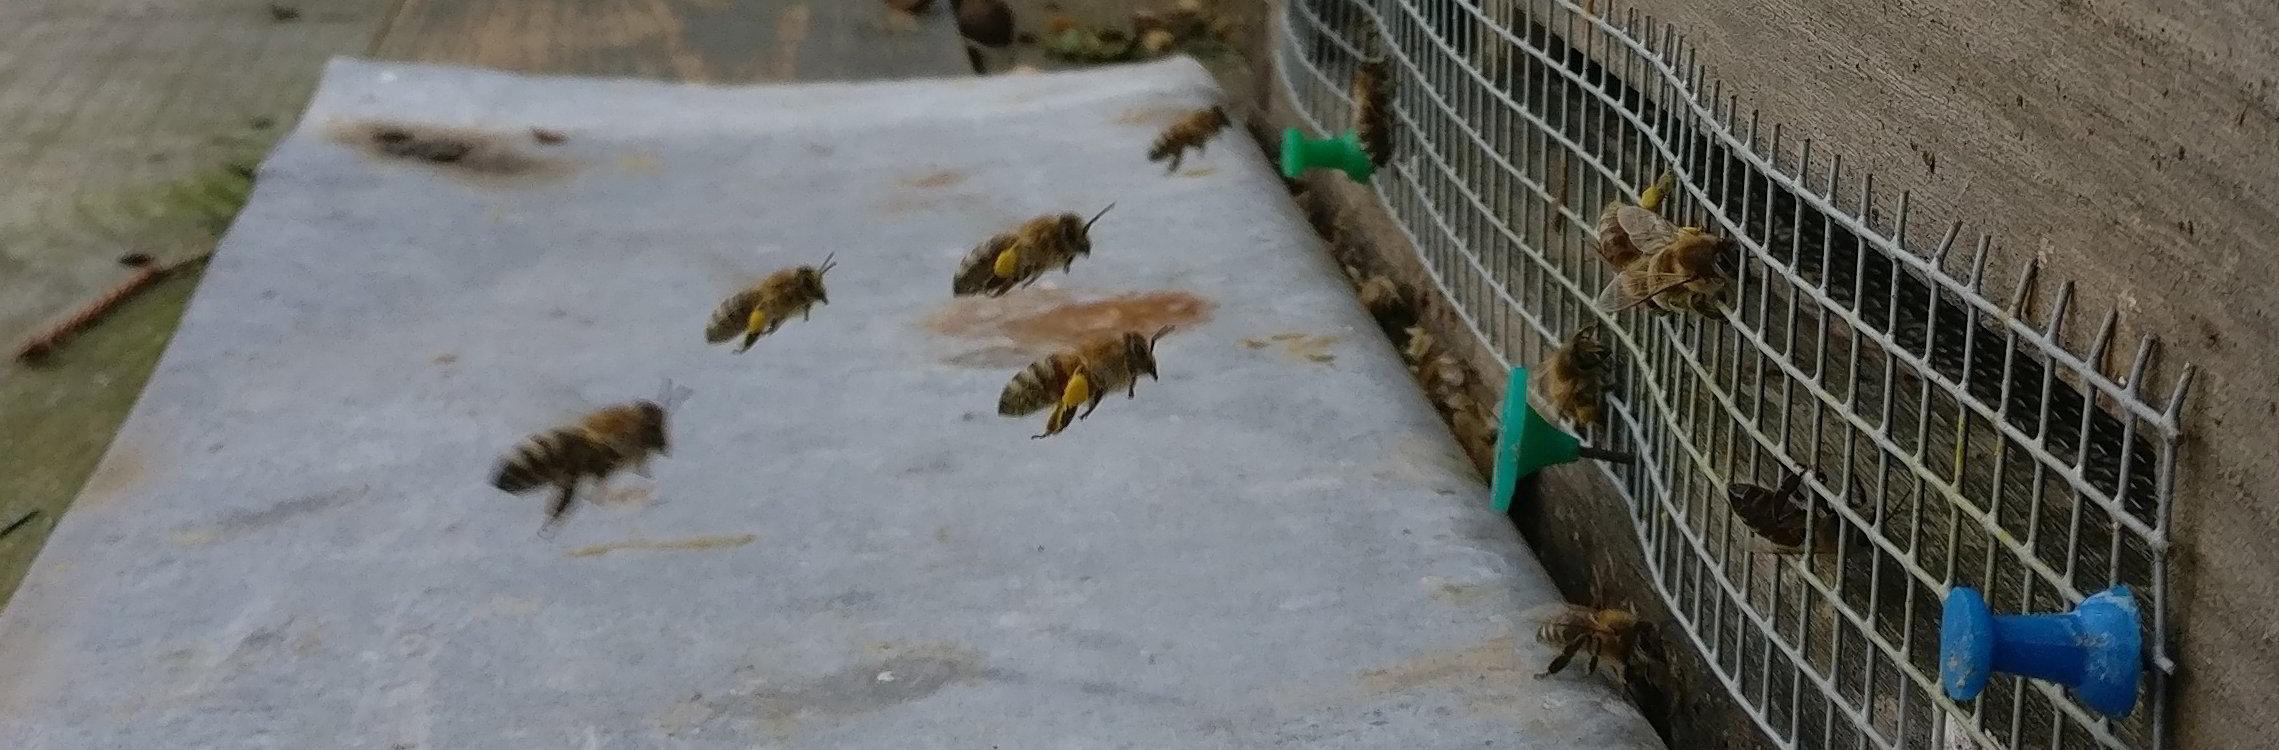 Die magischen Sieben aus dem Bienenstock